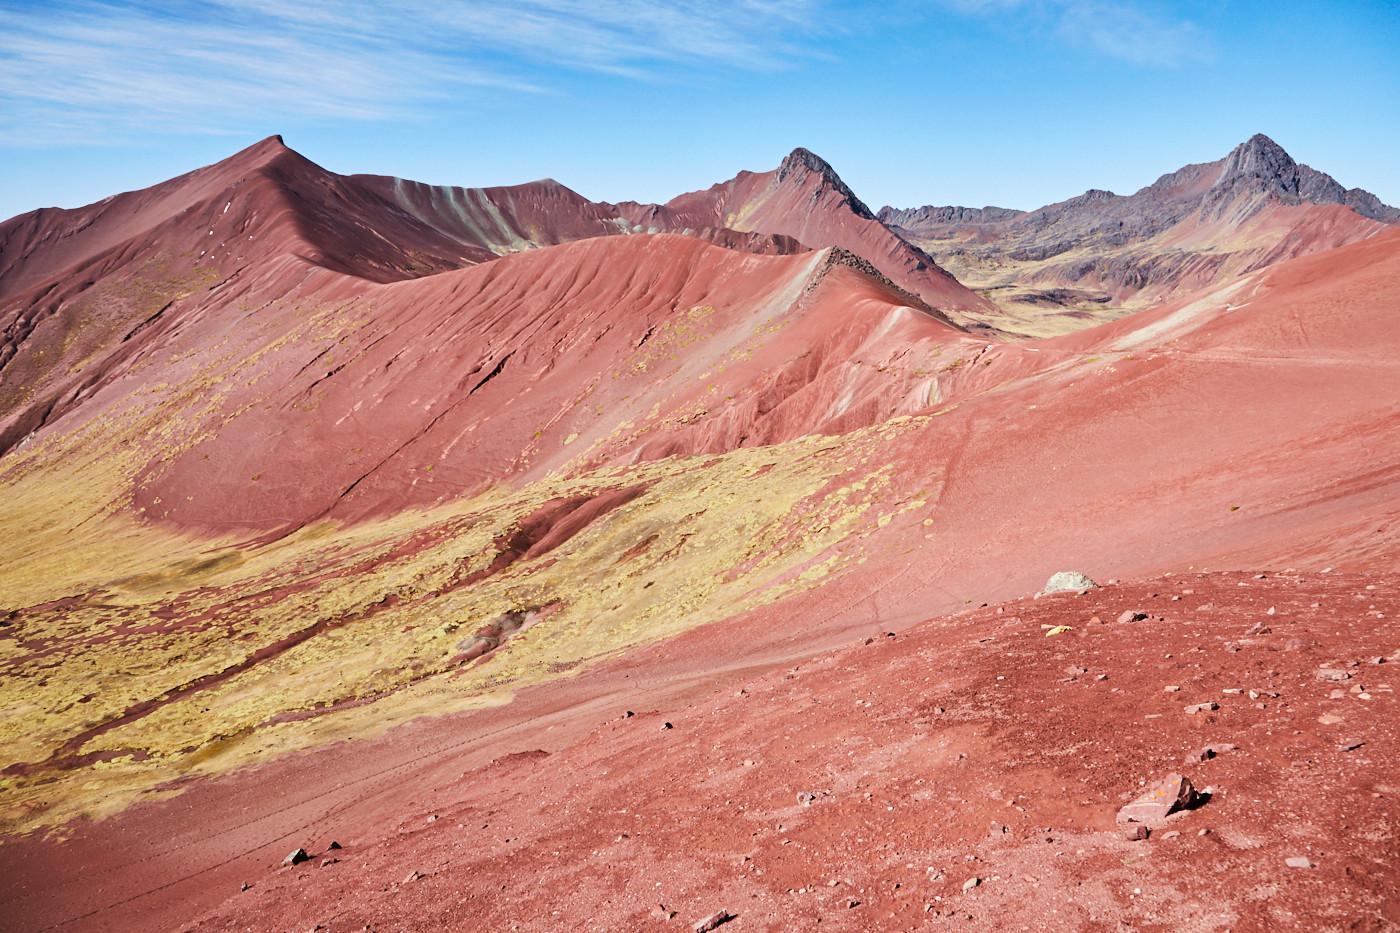 Das Red Valley in Peru war mir bei unserer Reise besonders wichtig